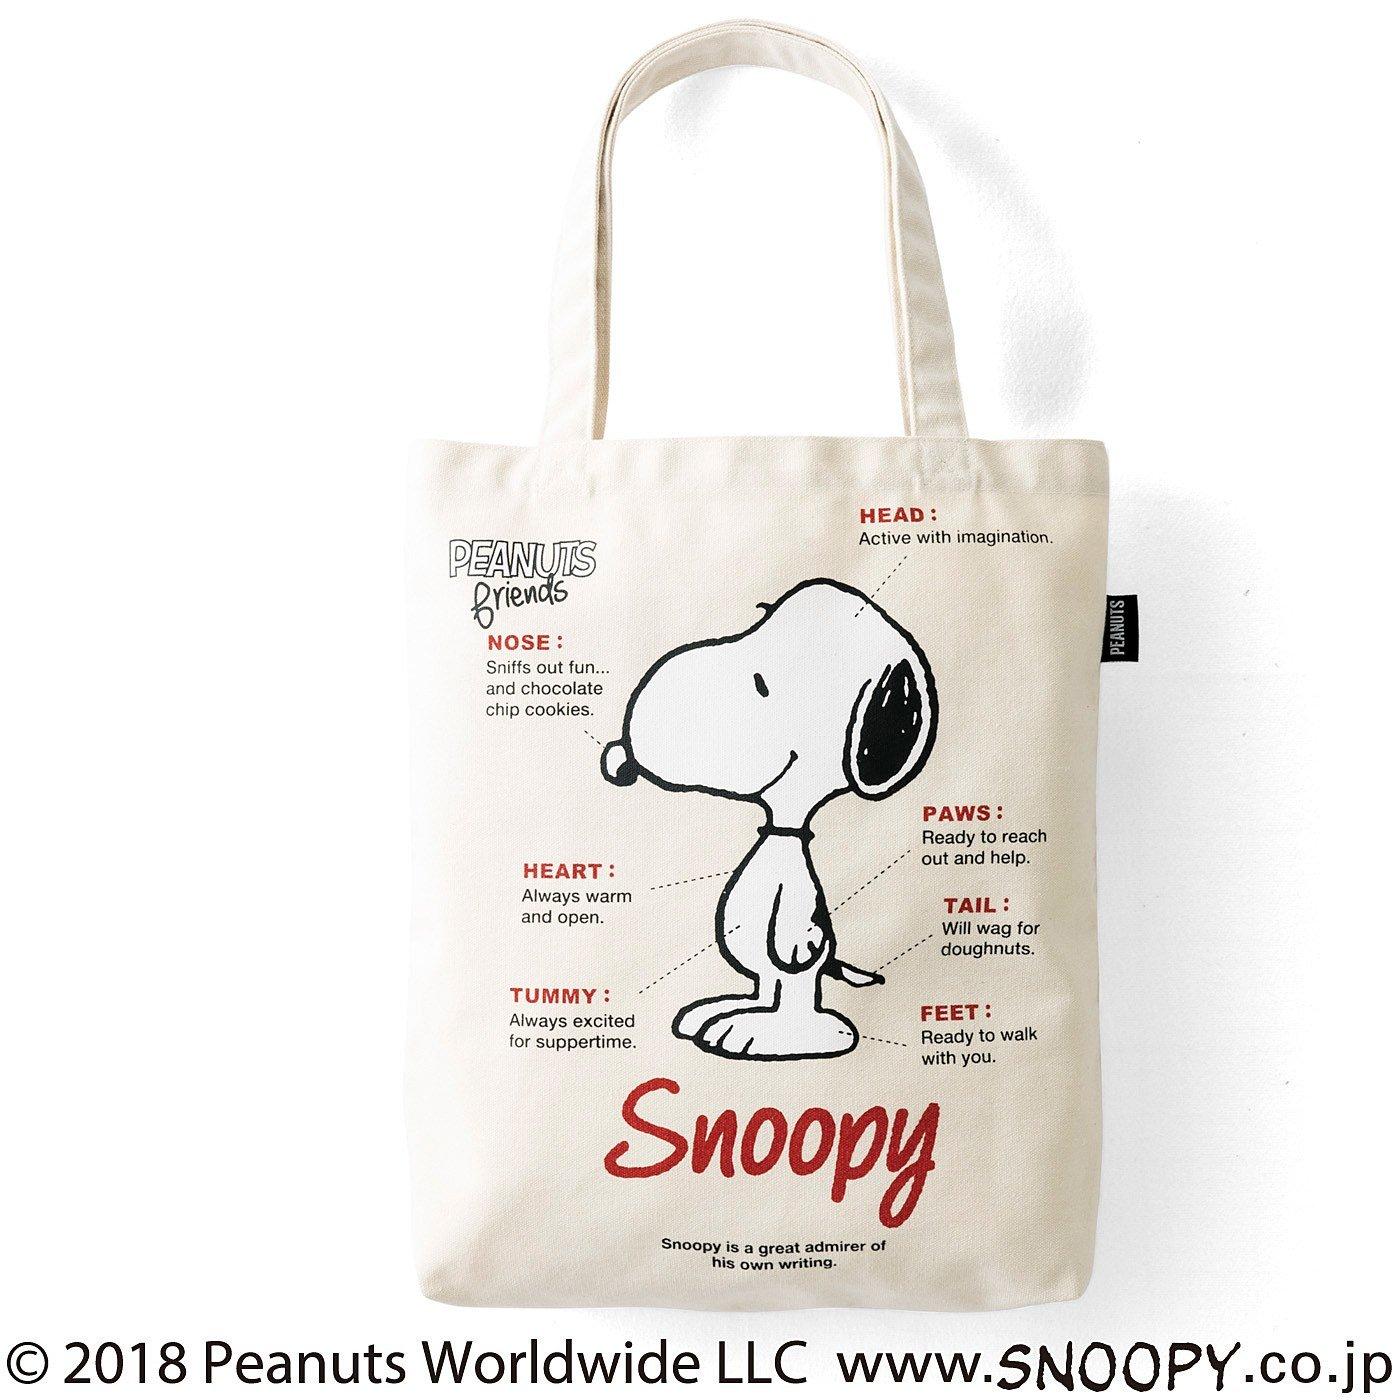 スヌーピー 大きめサイズのショッピングバッグの会